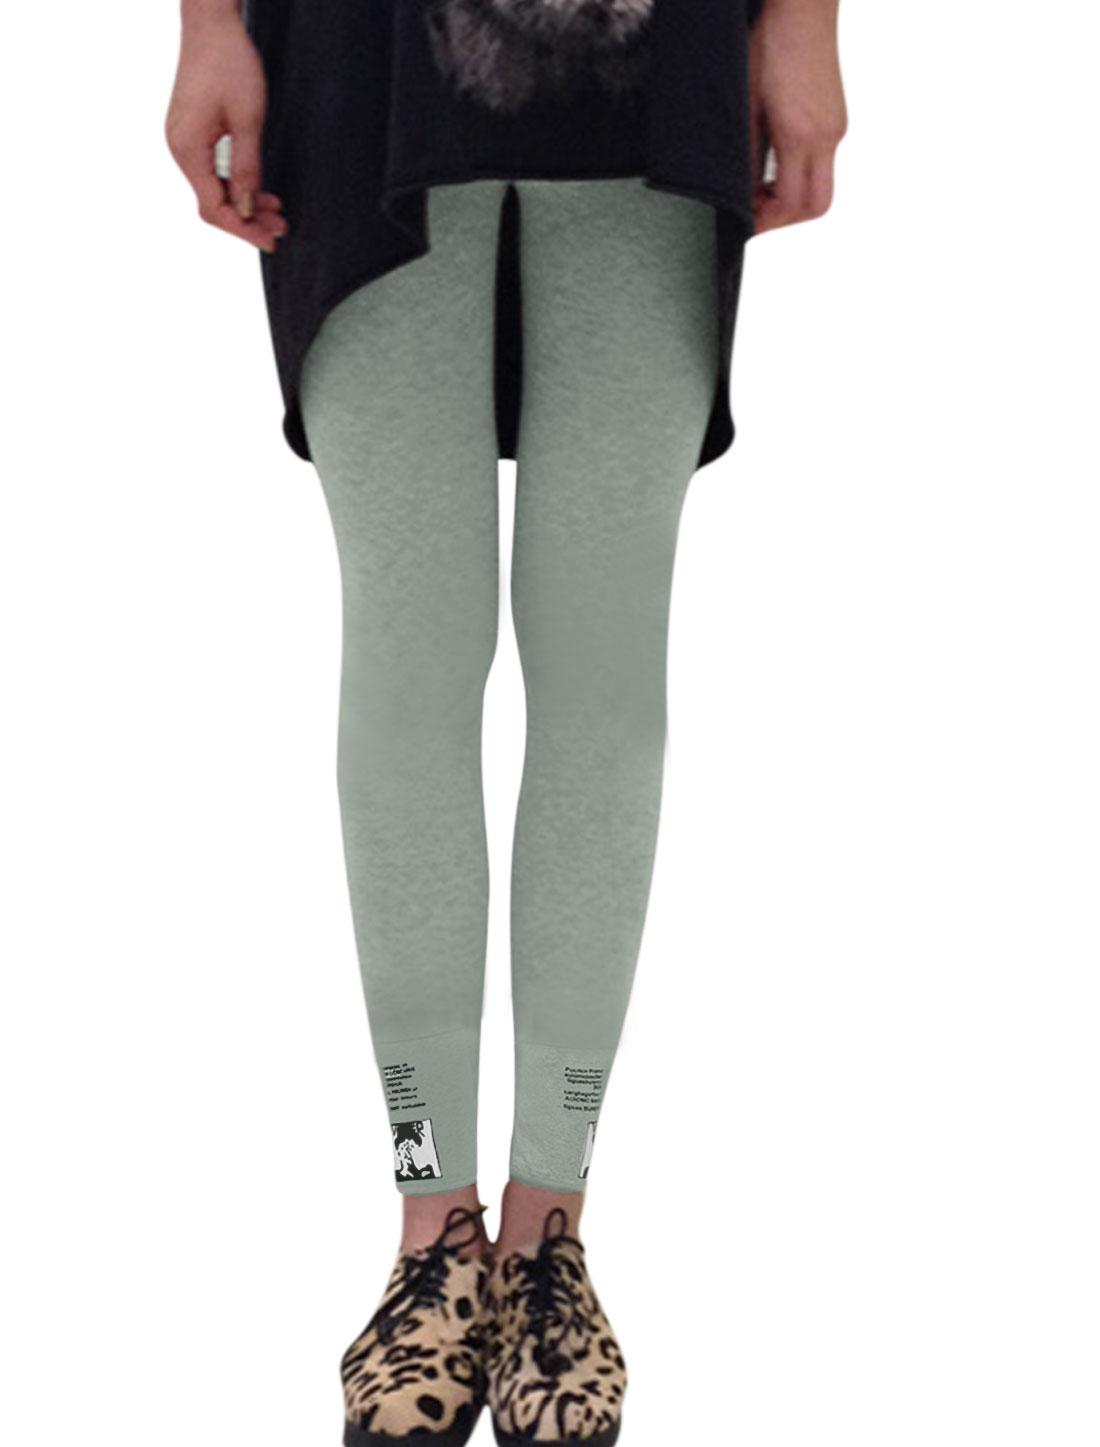 Ladies Portrait Letters Prints Slim Fit Light Gray Leggings XS